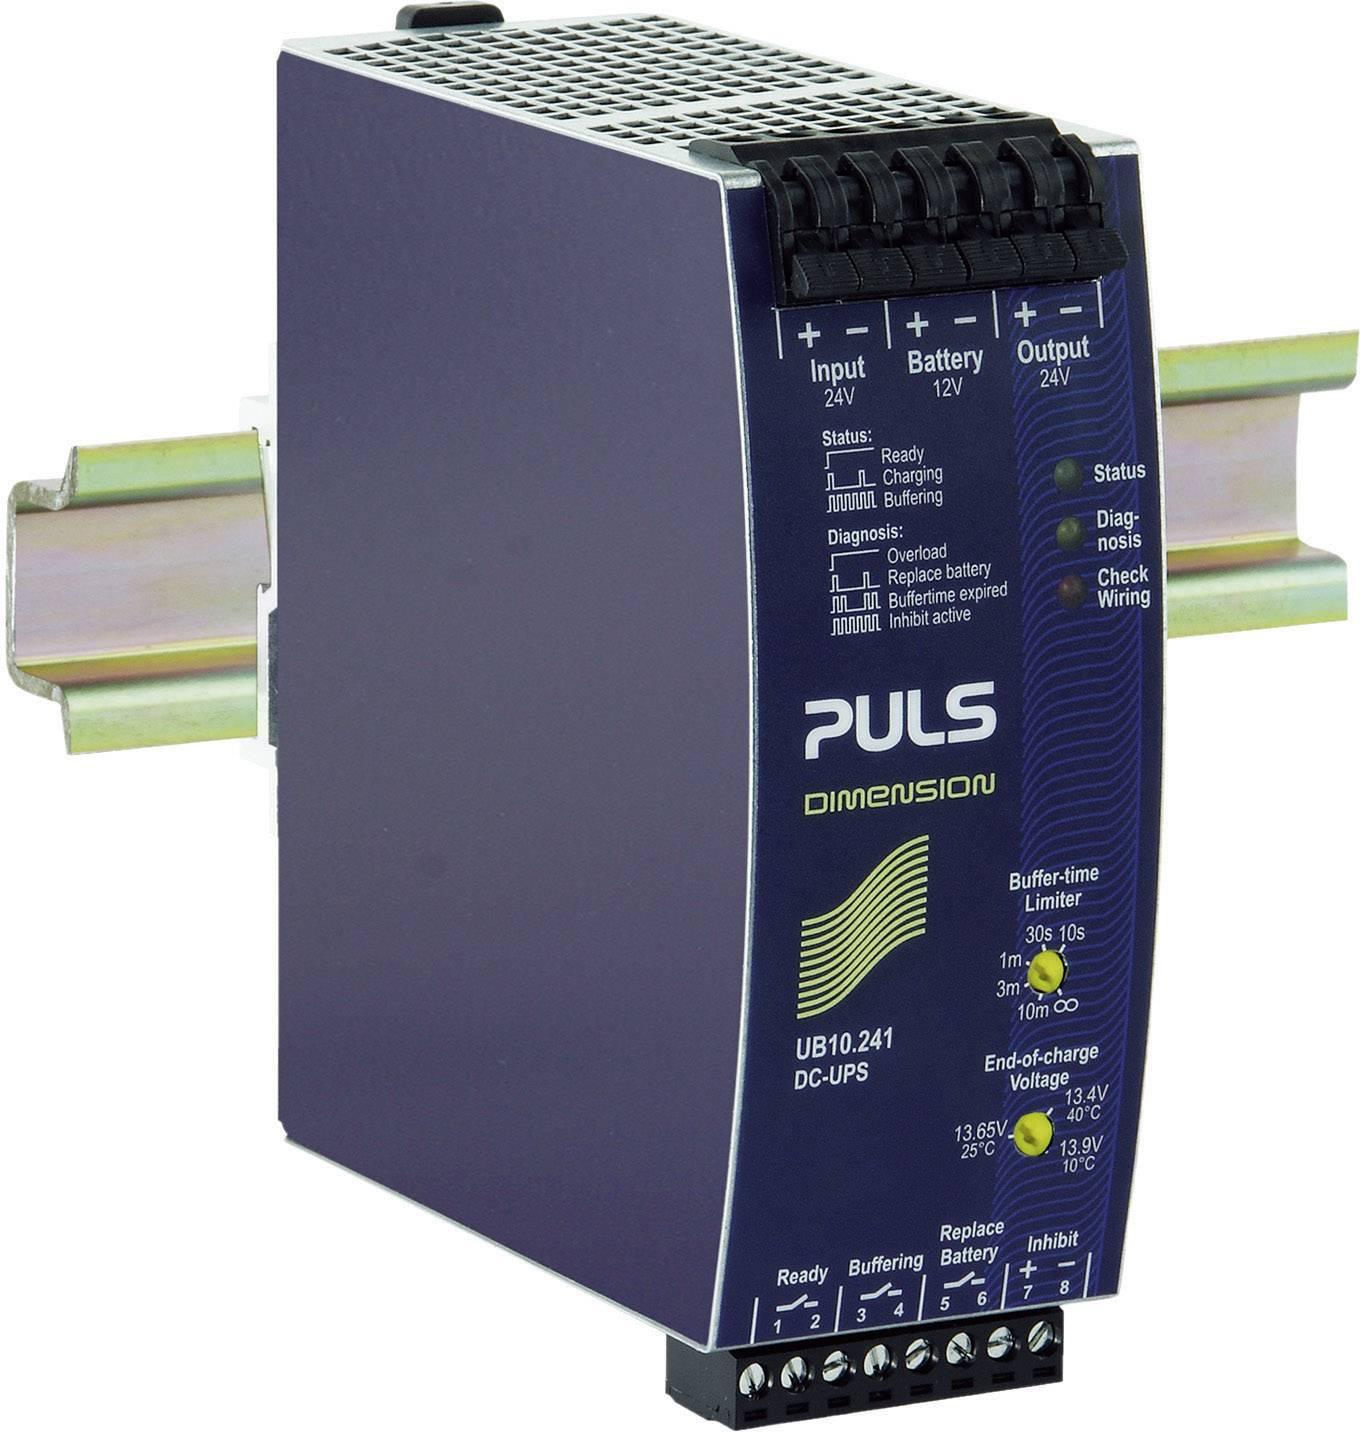 Řídicí jednotka PULS DIMENSION UB10.241 DC-USV na DIN lištu